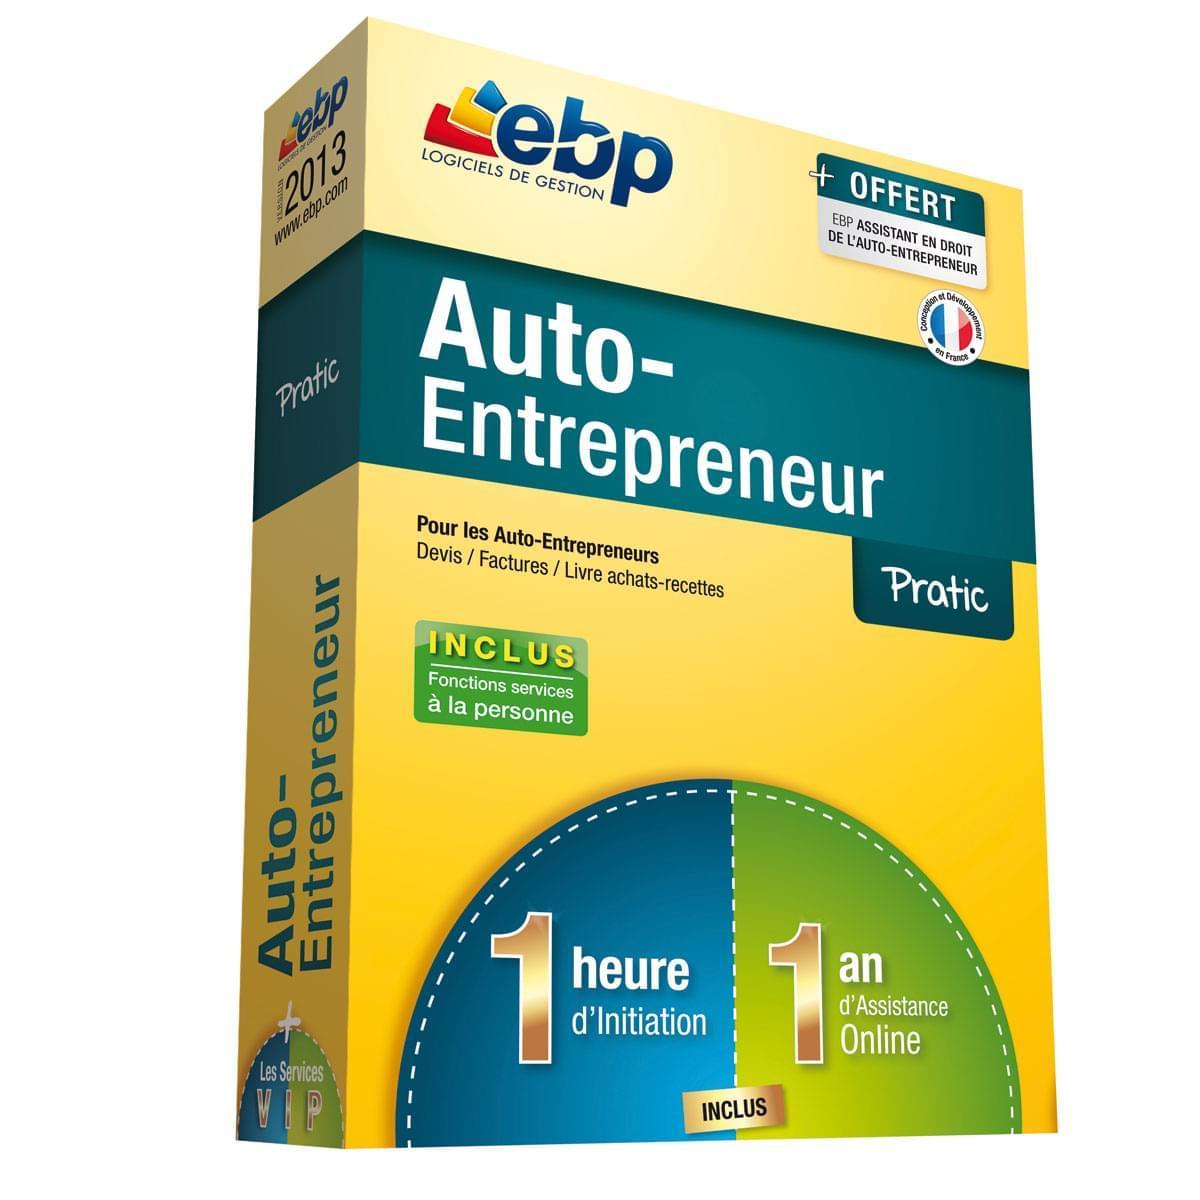 EBP Auto-Entrepreneur Pratic 2013  + Services VIP (1108E051FAA) - Achat / Vente Logiciel Application sur Cybertek.fr - 0